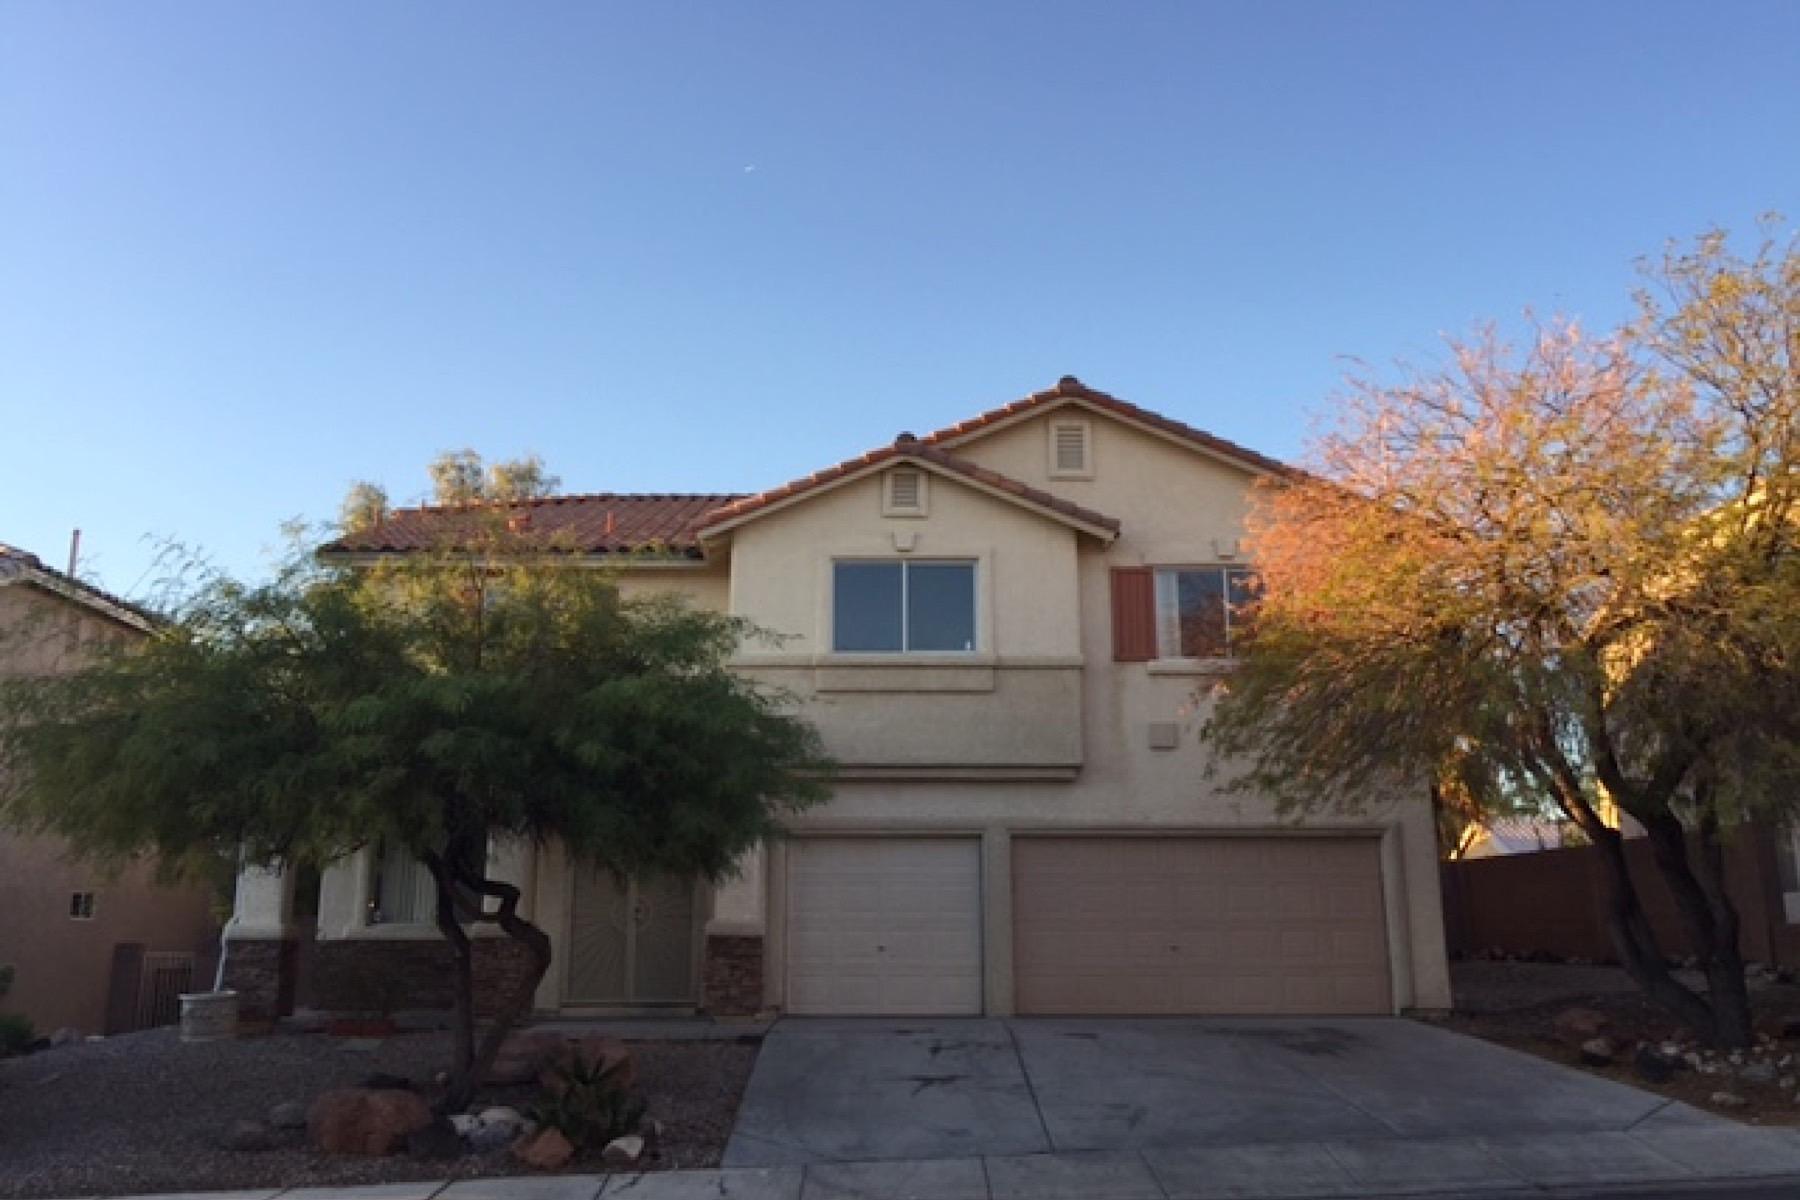 Частный односемейный дом для того Продажа на 6518 Tulip Garden Dr Las Vegas, Невада, 89142 Соединенные Штаты